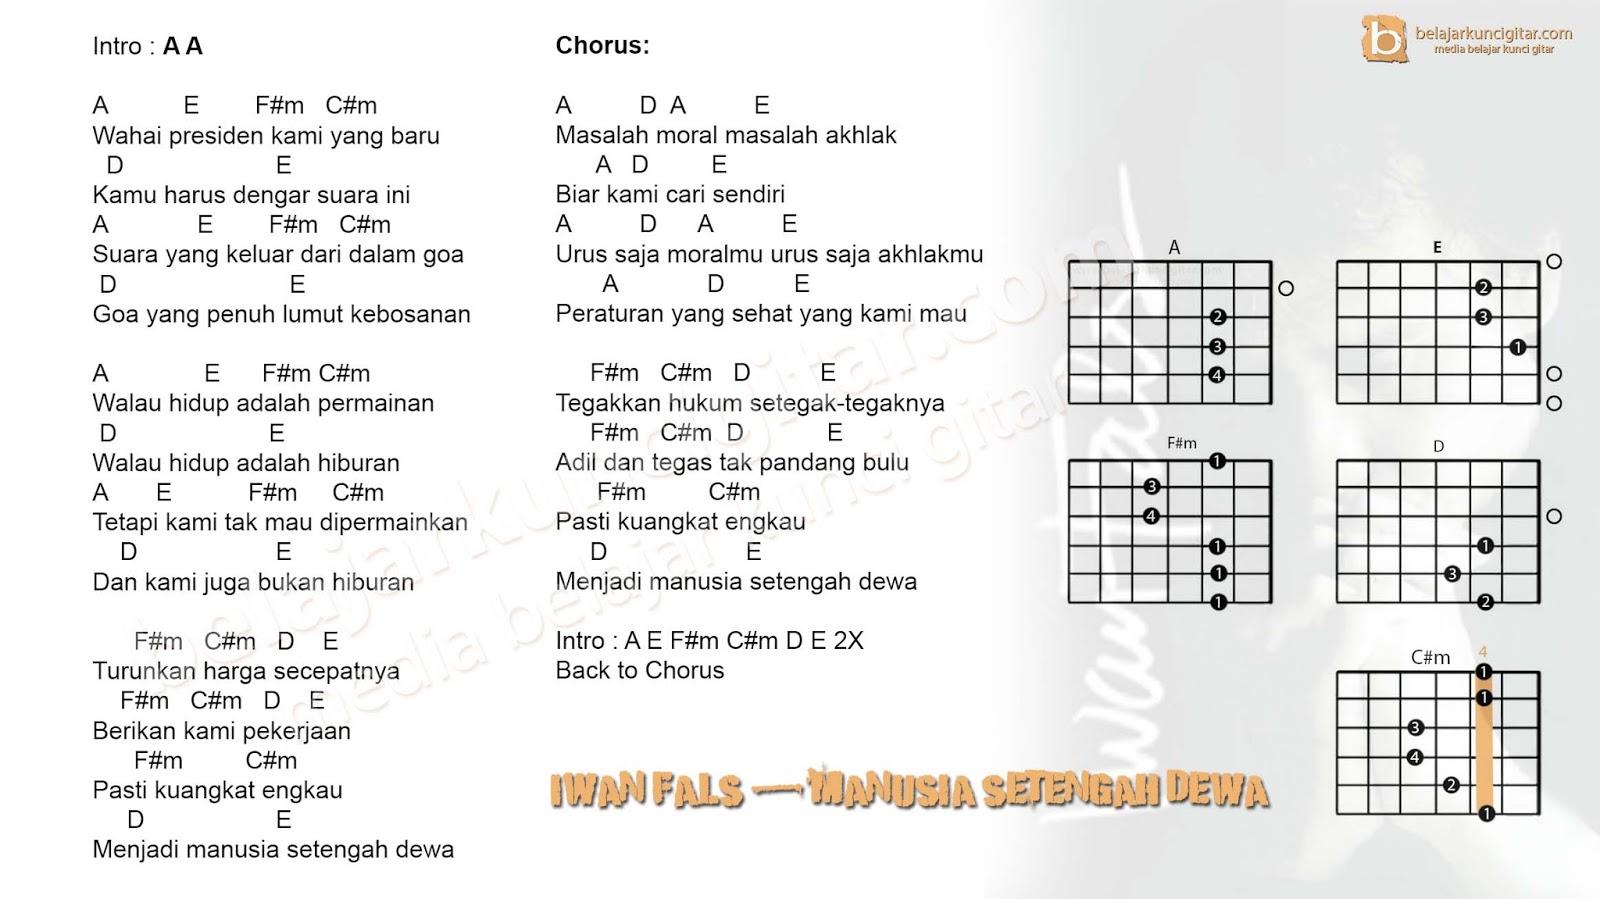 Lirik Lagu Armada Yg Pergi Pagi Pulang Pagi | Mp3 | Gudang